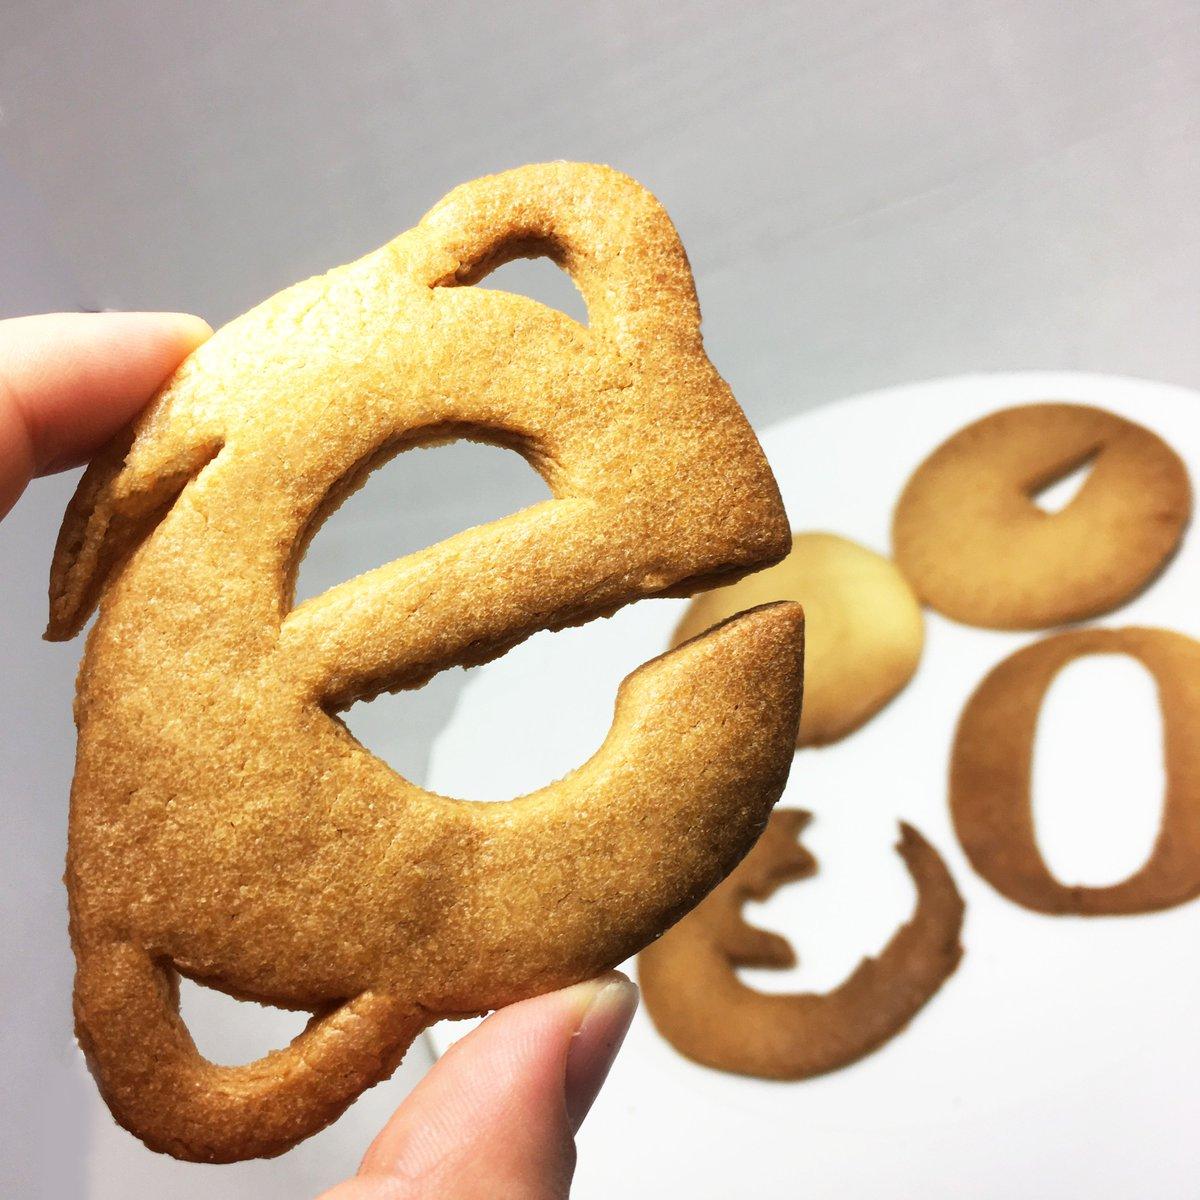 ブラウザのcookieです pic.twitter.com/KhsmmE1soZ